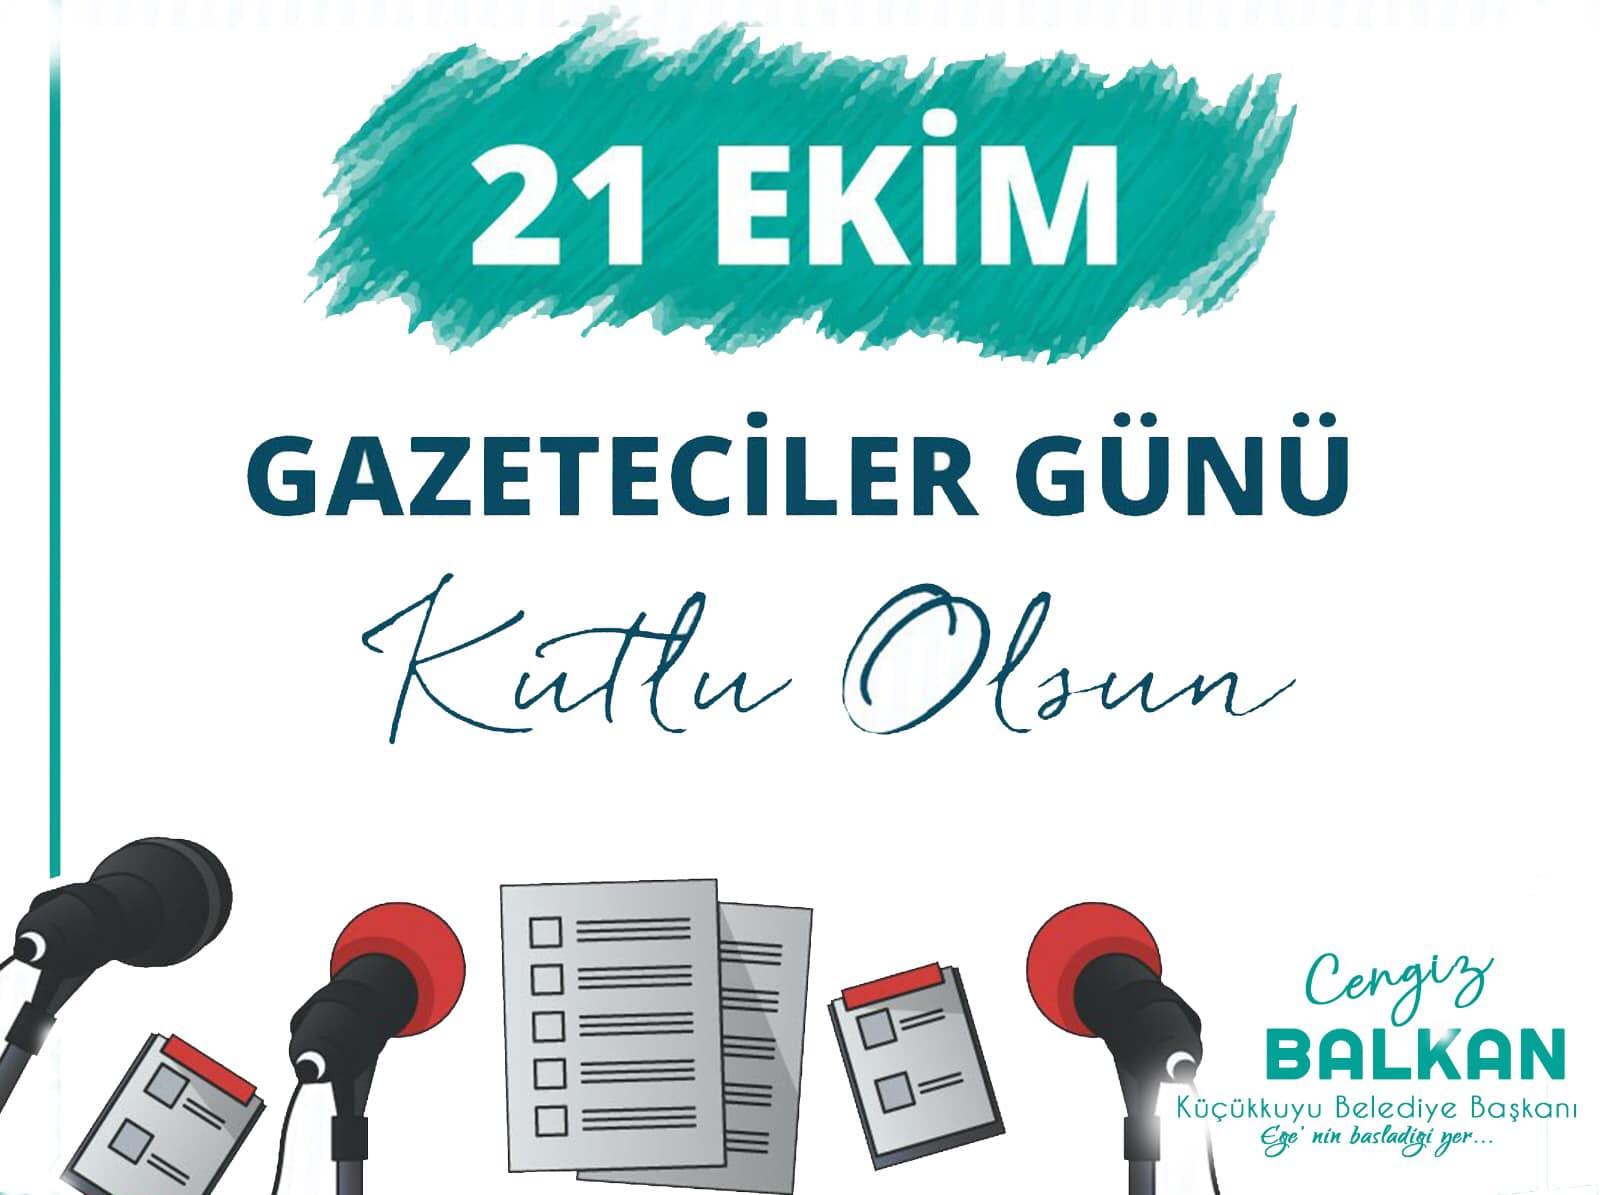 Balkan'dan Dünya gazeteciler günü mesajı